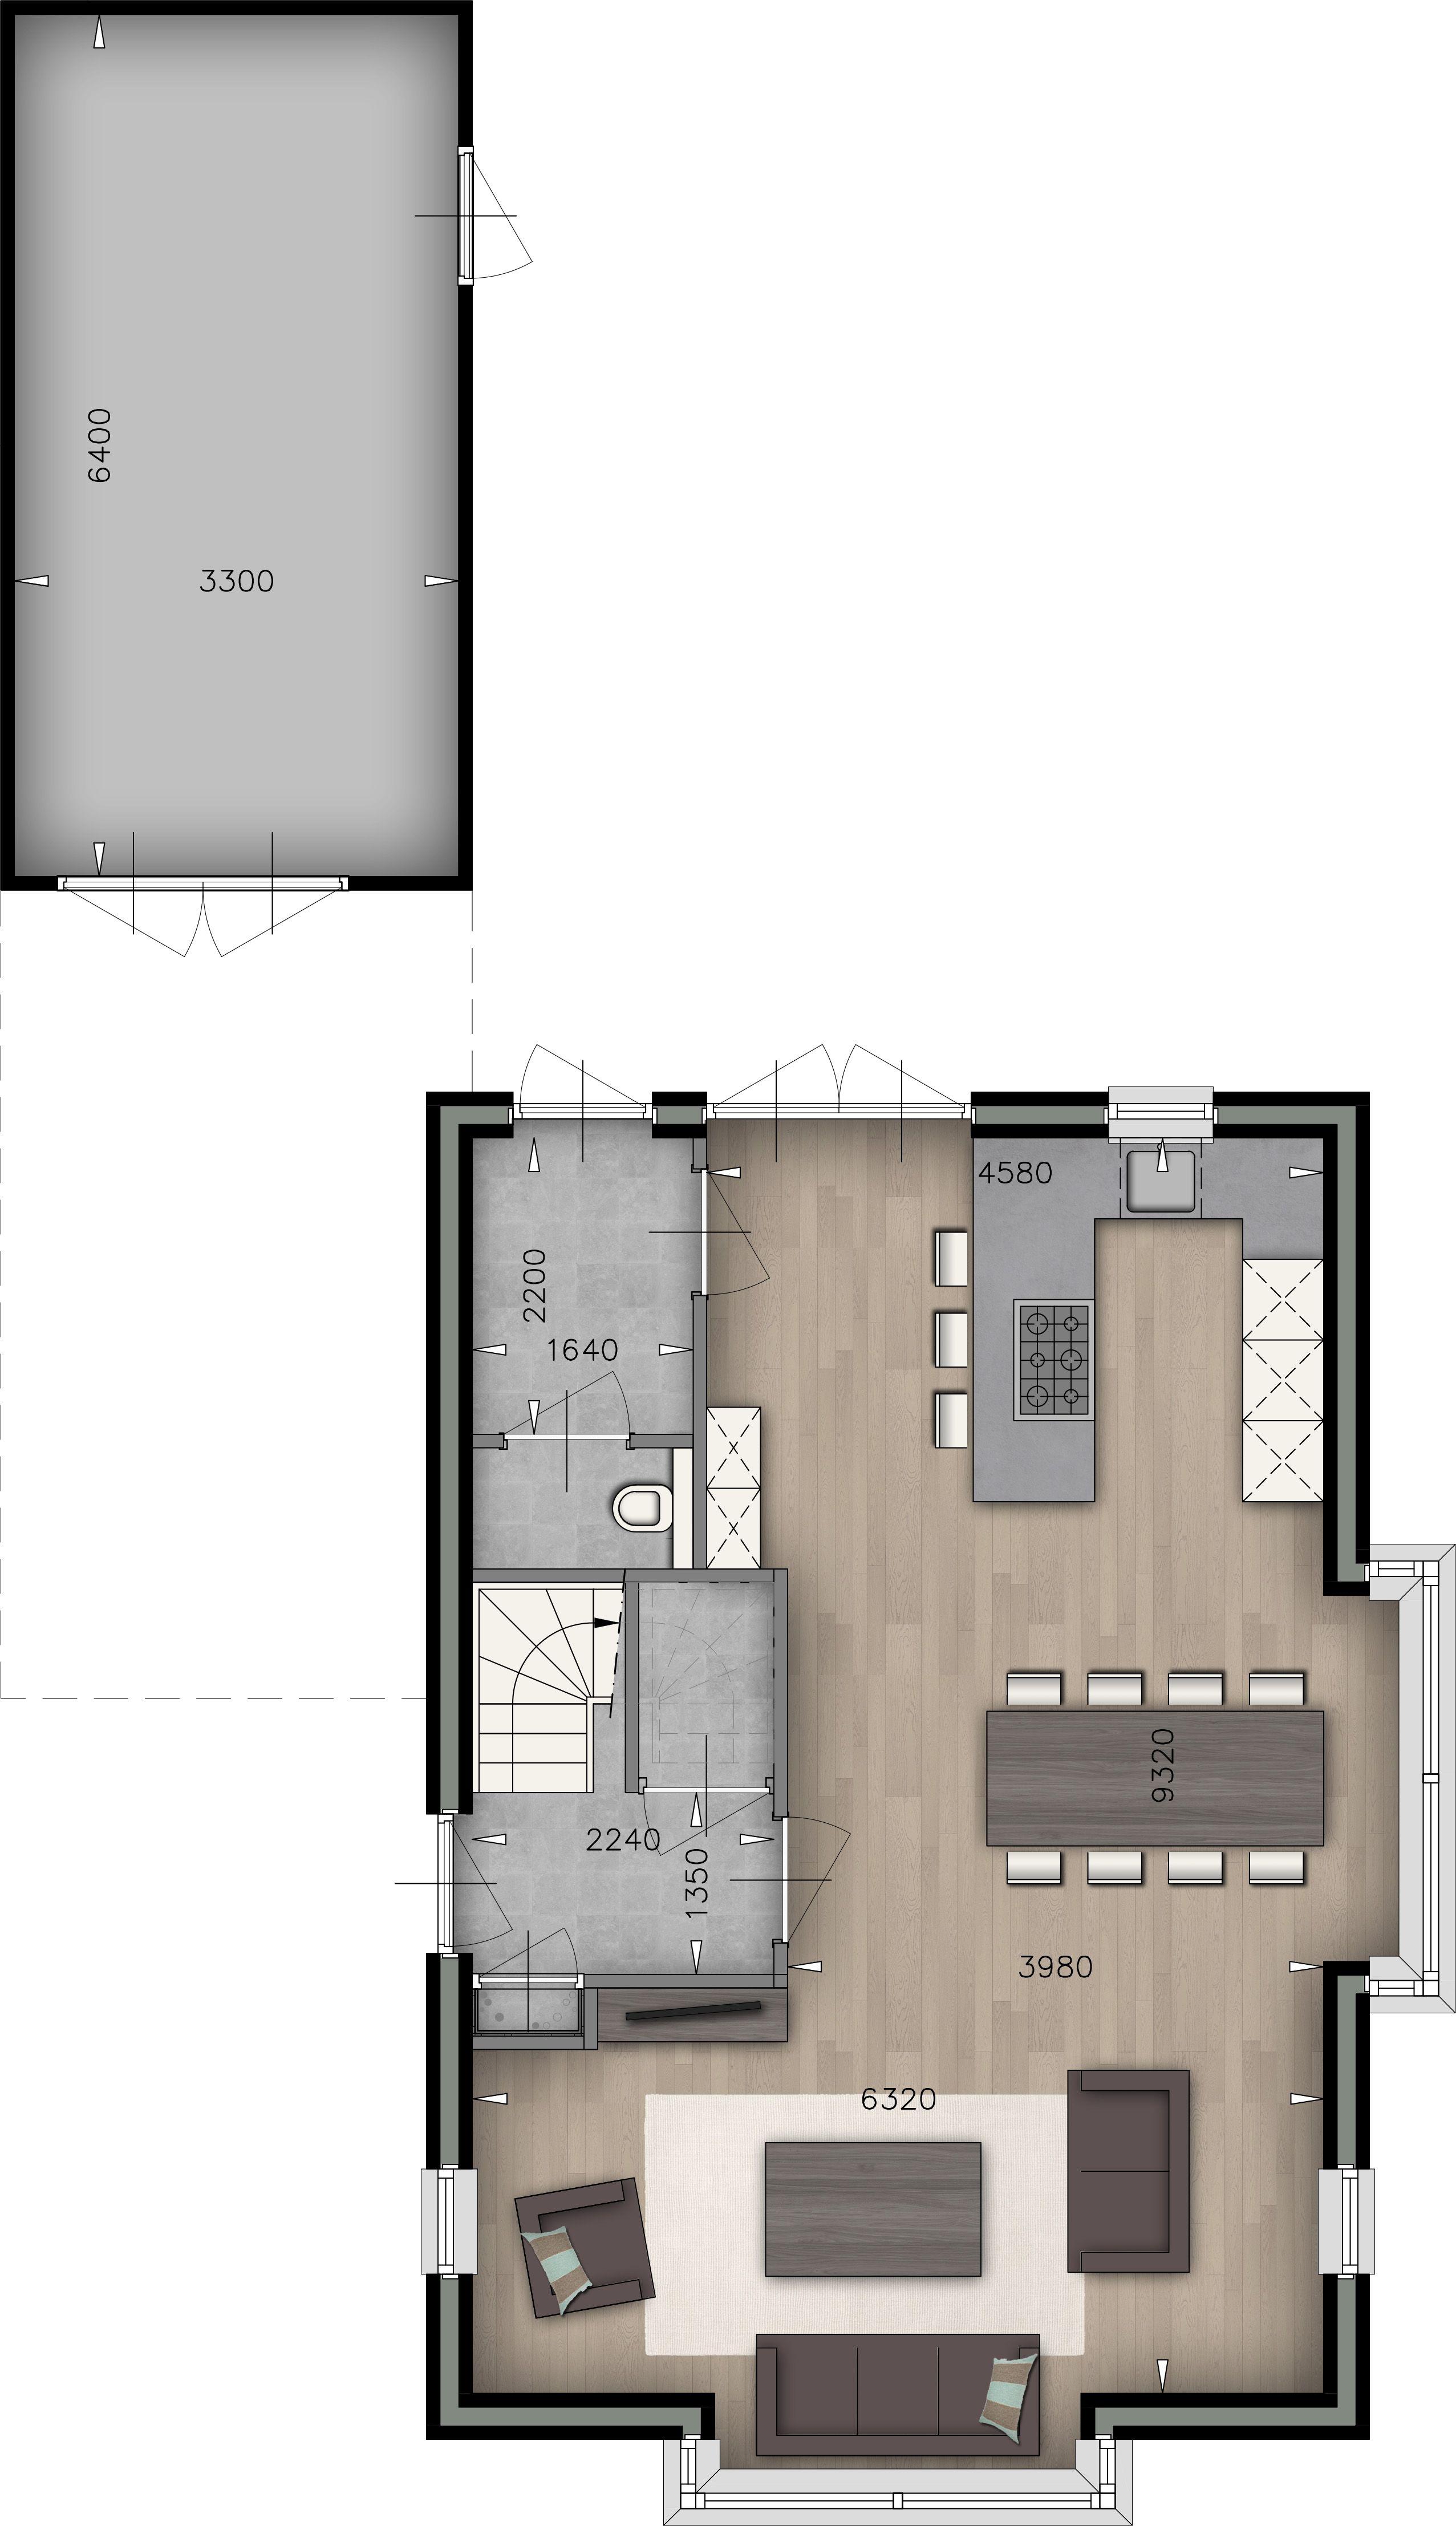 Plattegrond Woonkamer Keuken Wc Garage Keuken